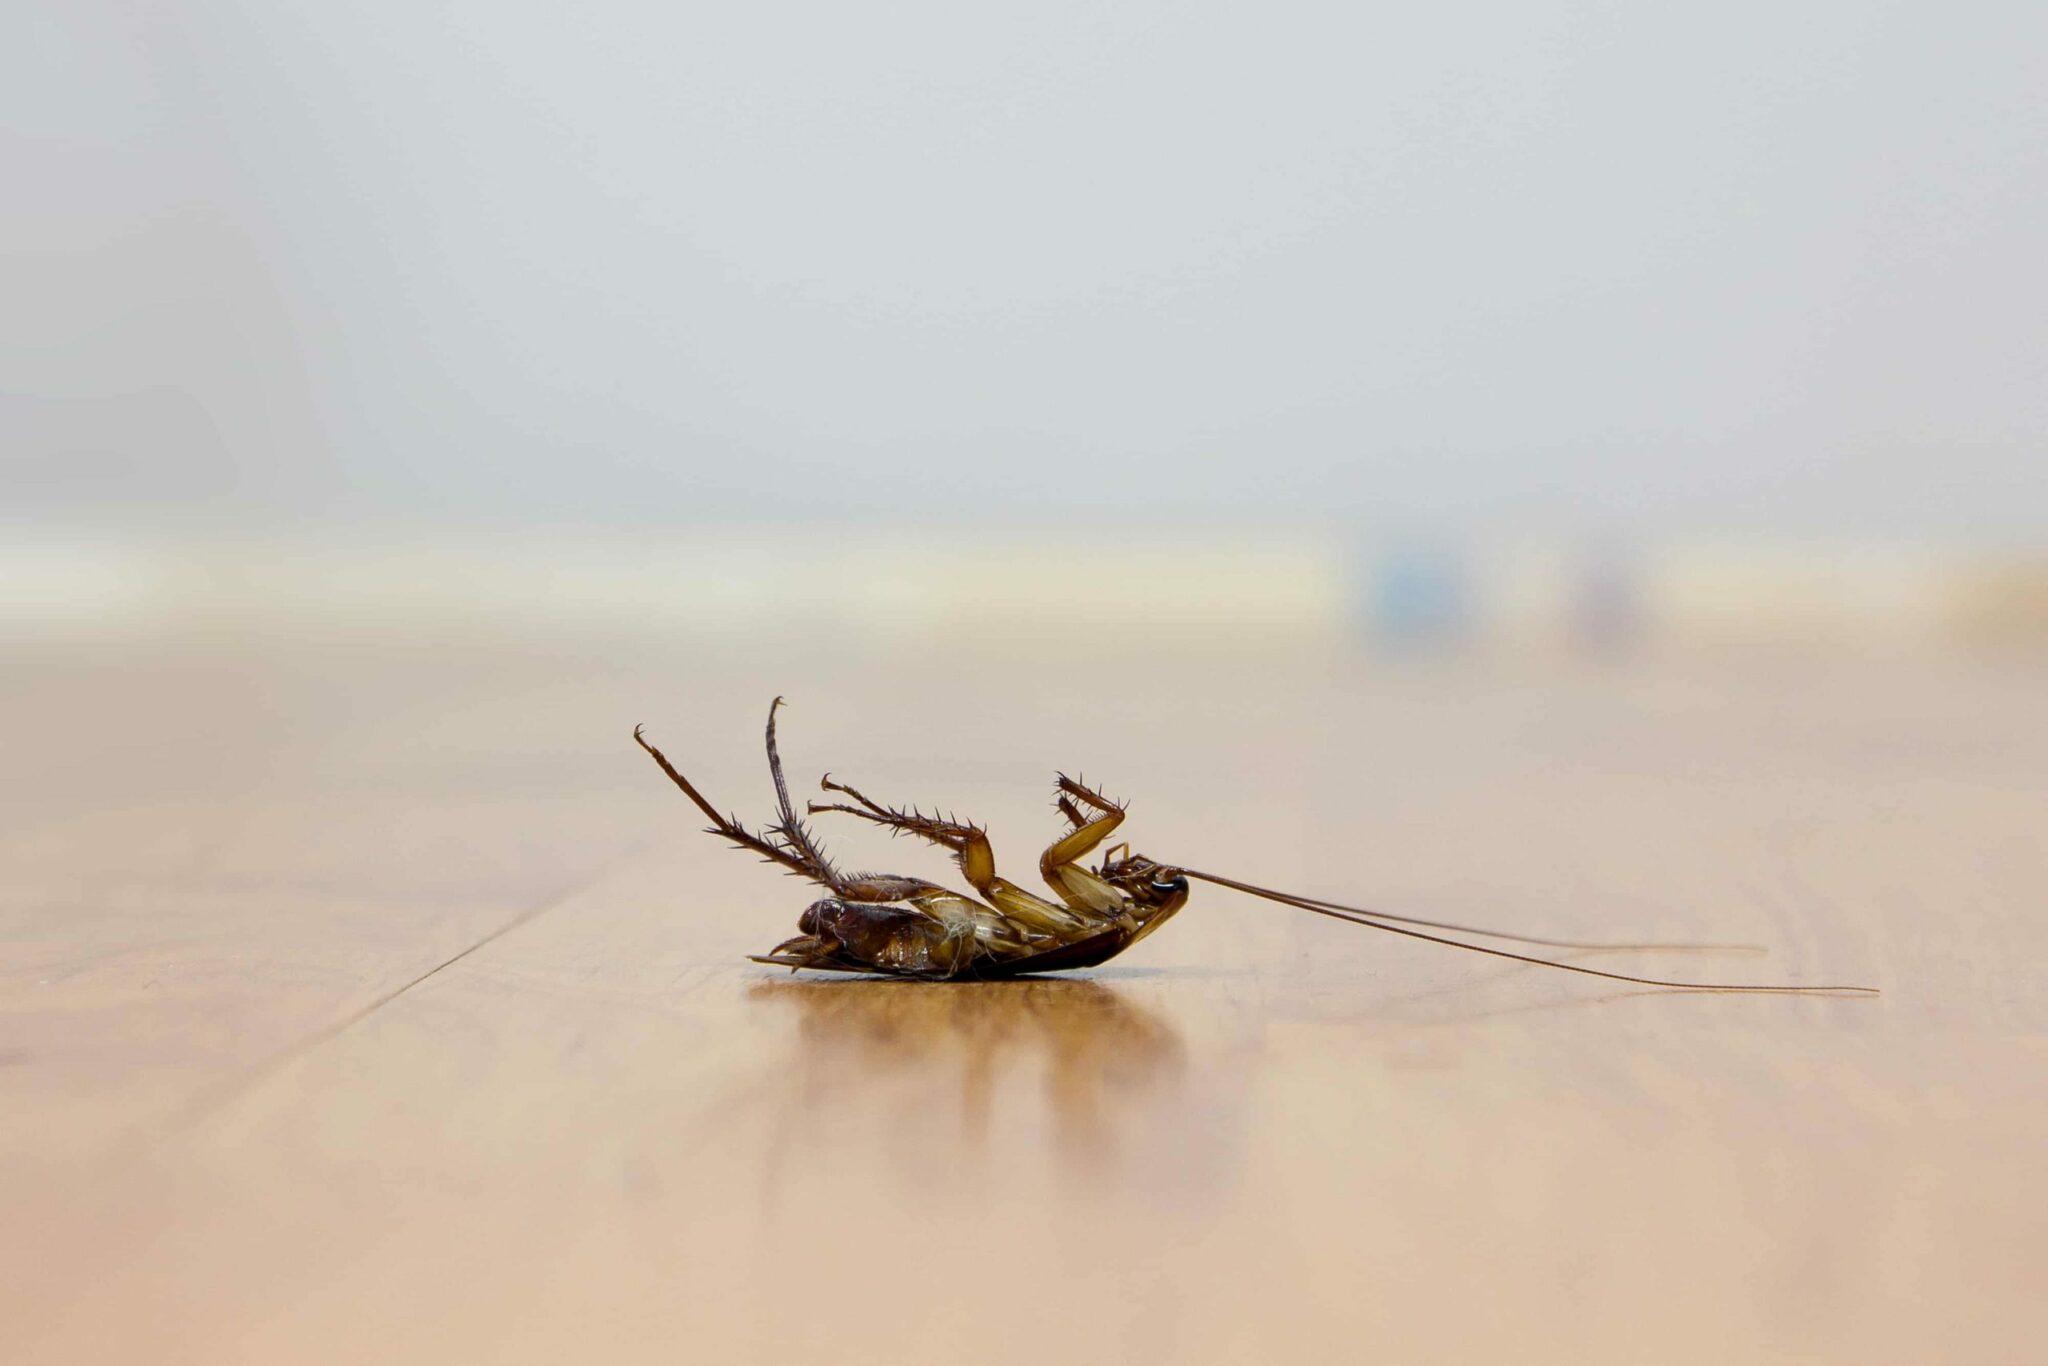 Prodotti Contro I Gechi argomenti correlati: gechi mangiano scarafaggi